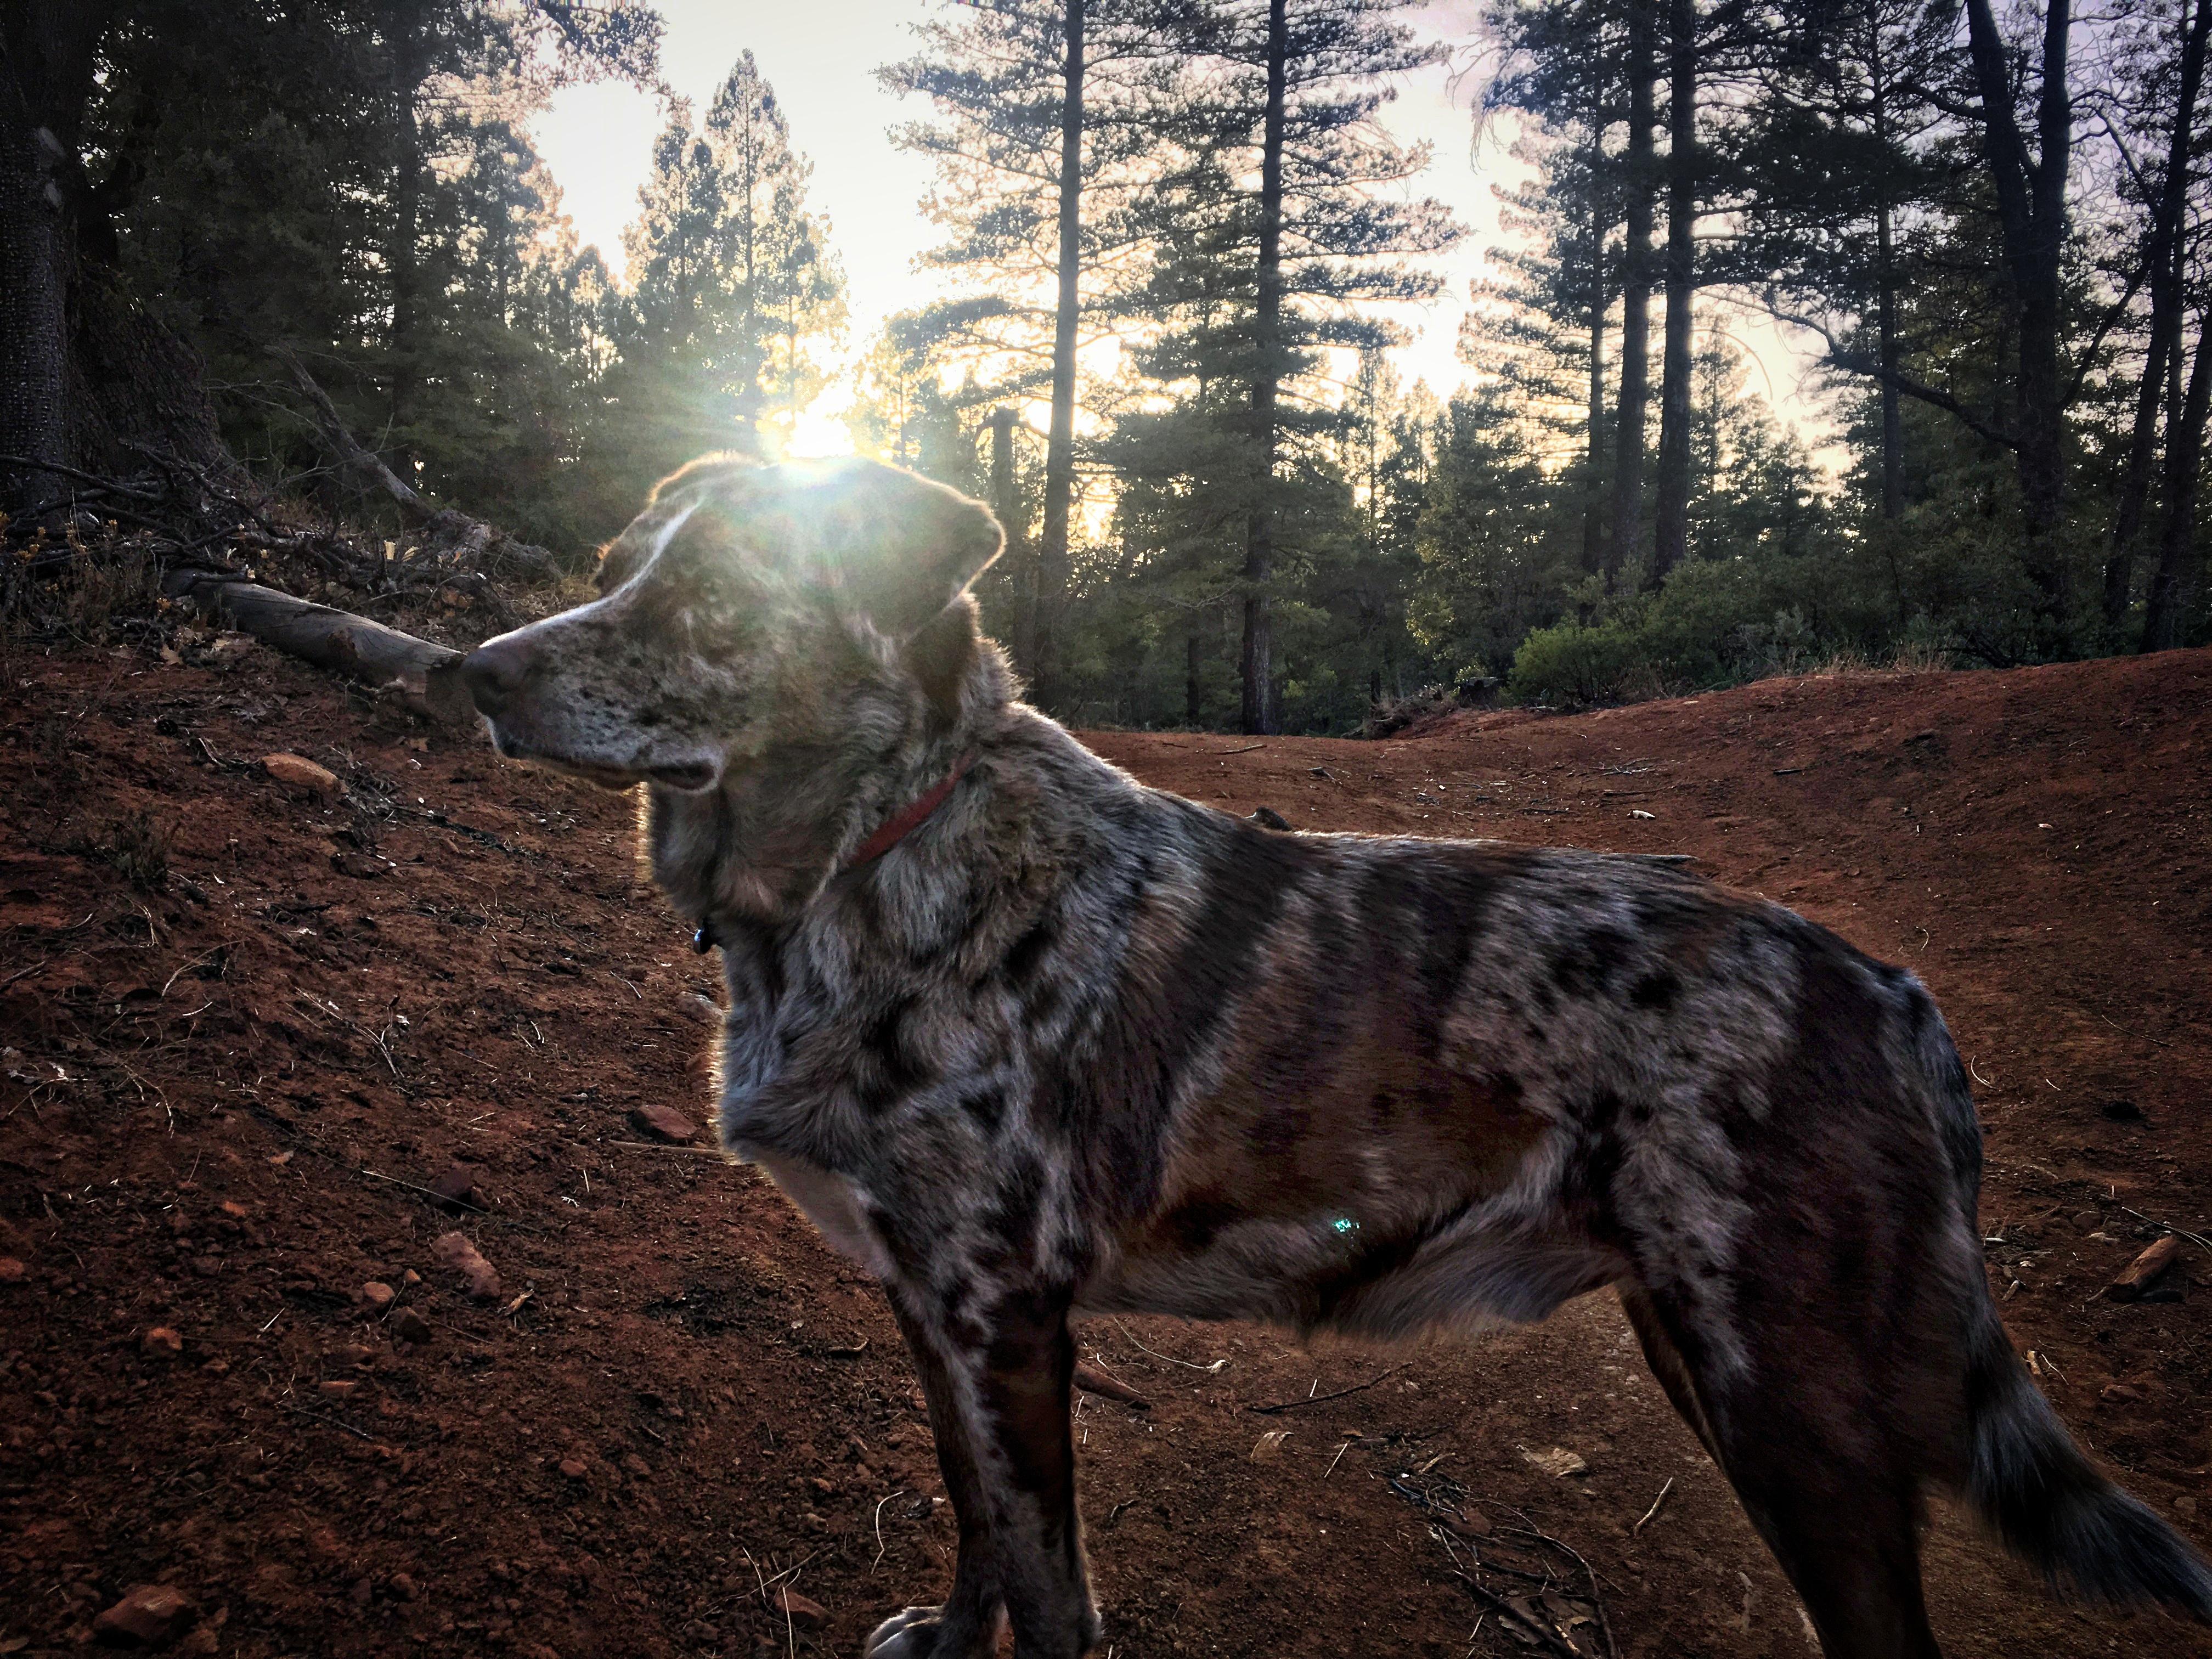 Sun on dog photo